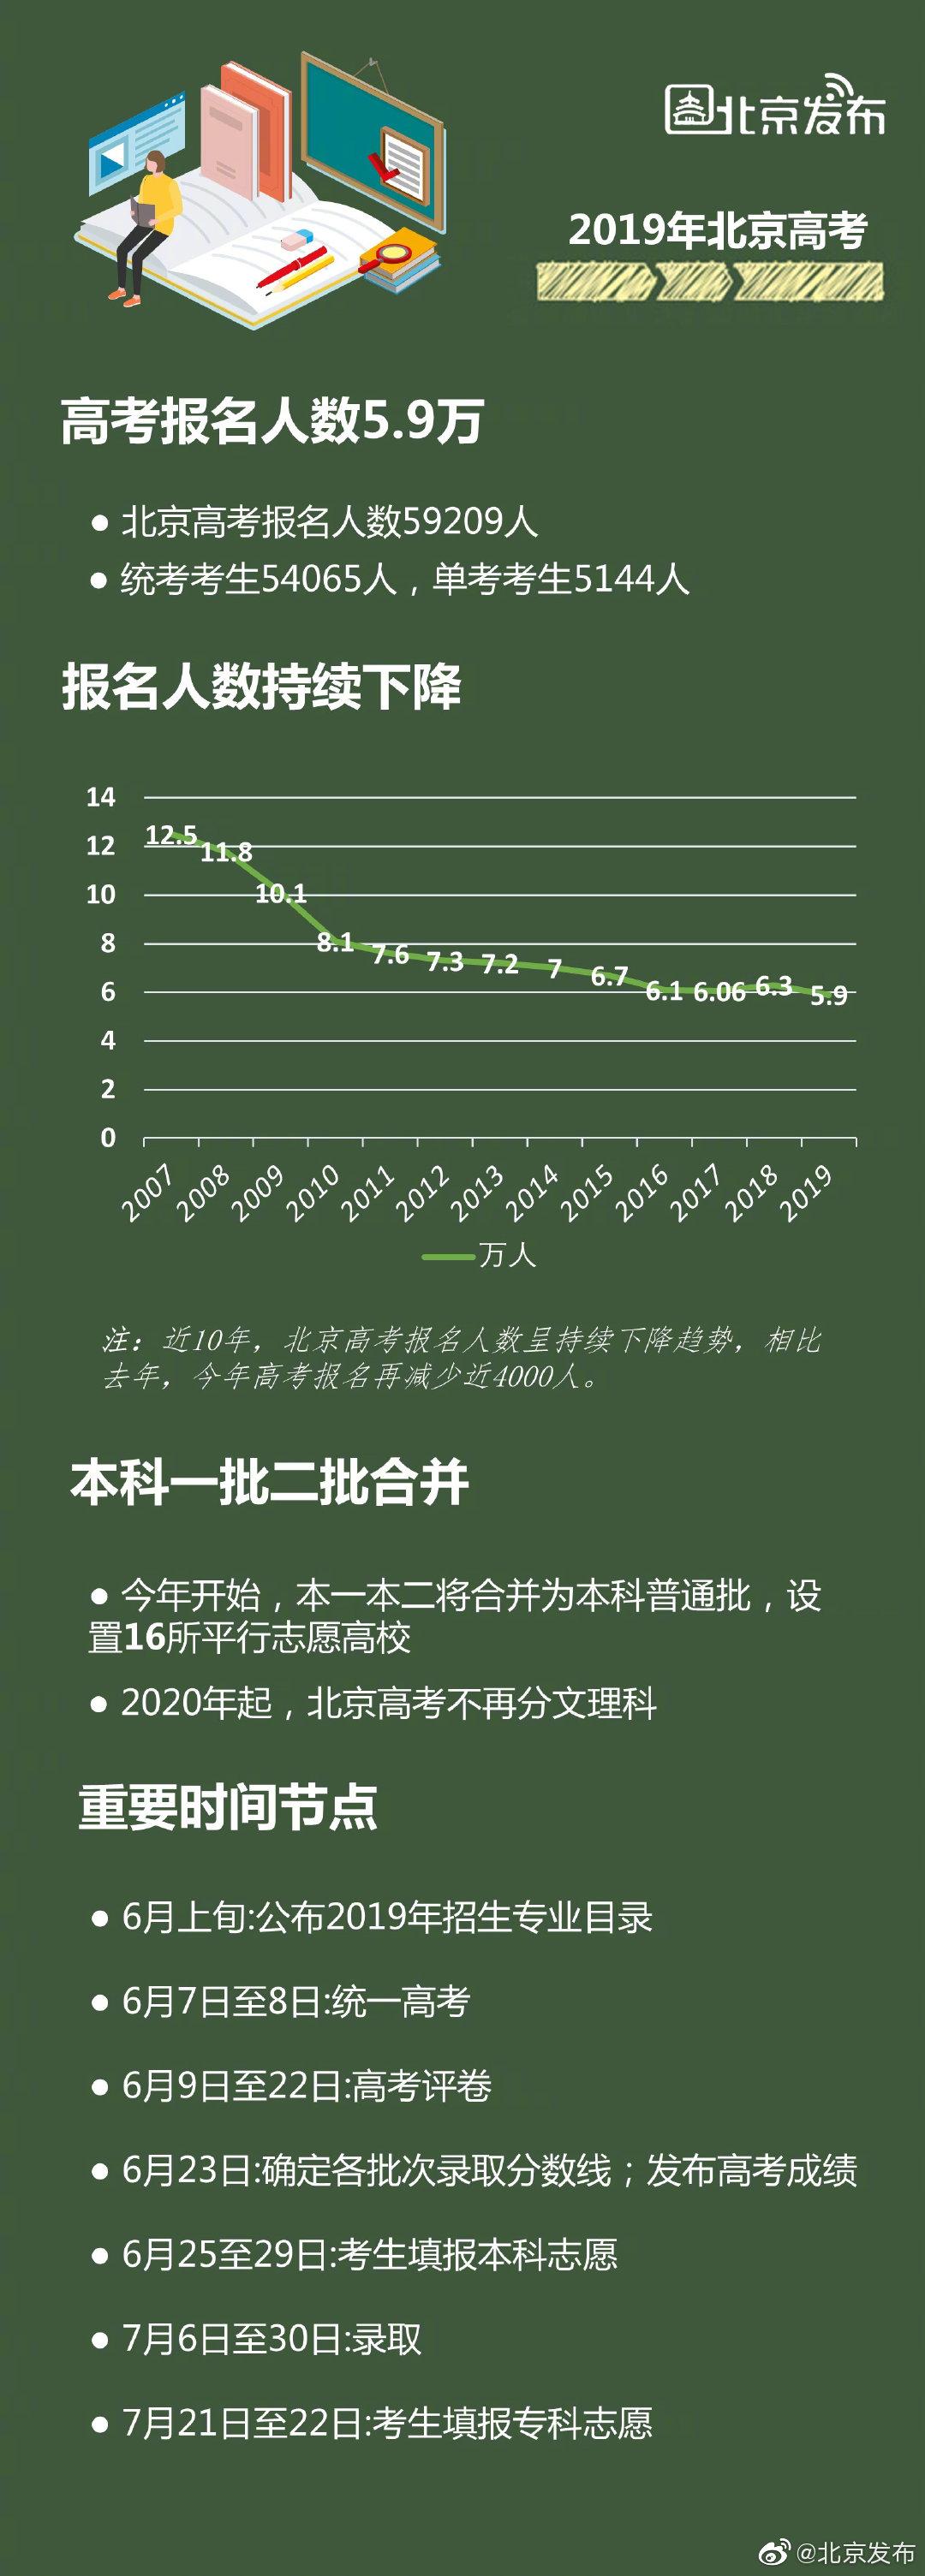 北京今年高考报名人数5.9万 比去年减少近四千